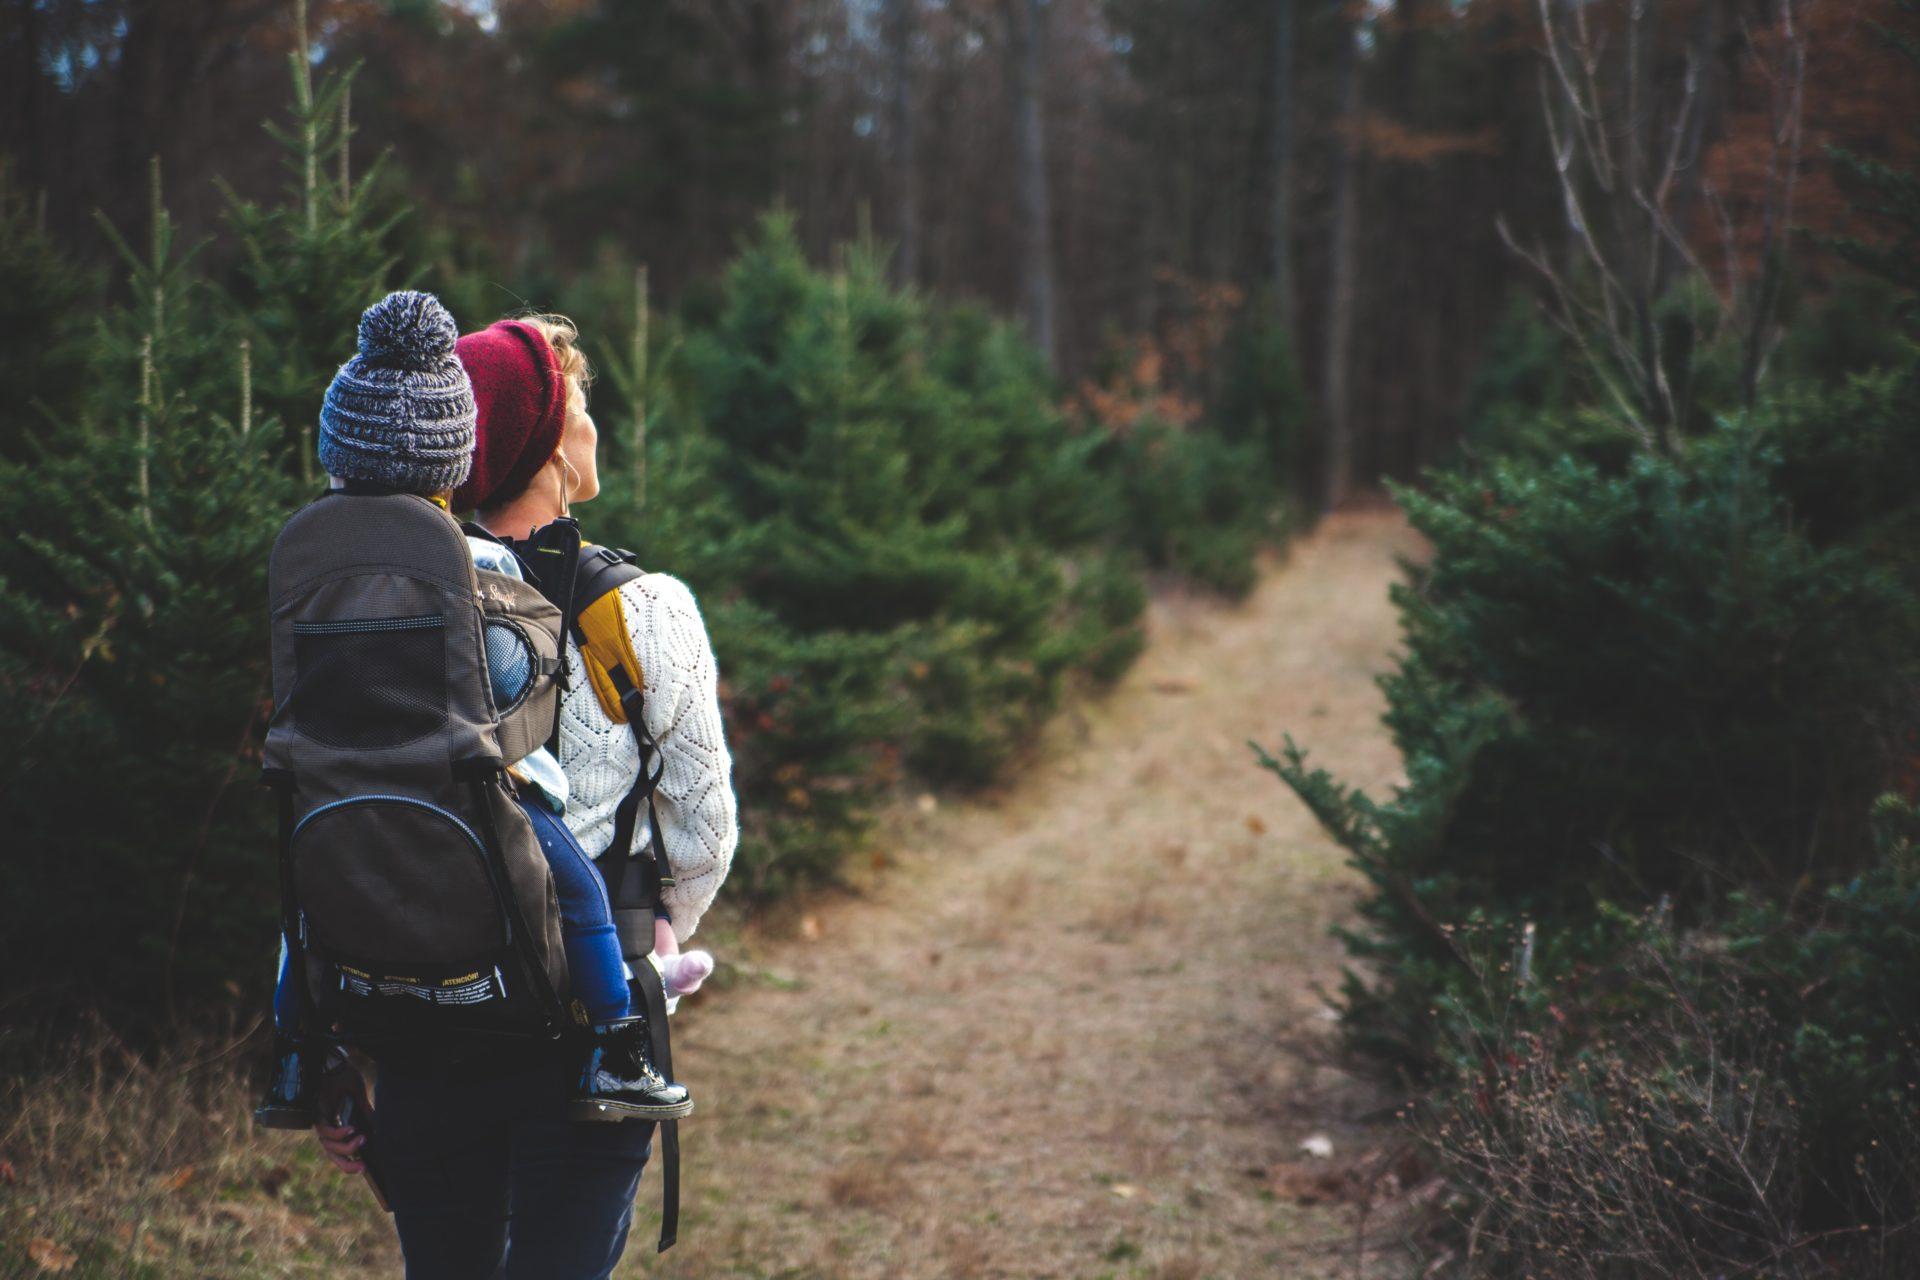 Wo in Deutschland Urlaub machen? 2020 – Eine Reise in natürliche und unberührte Gebiete unserer Bundesländer. (Teil 4)